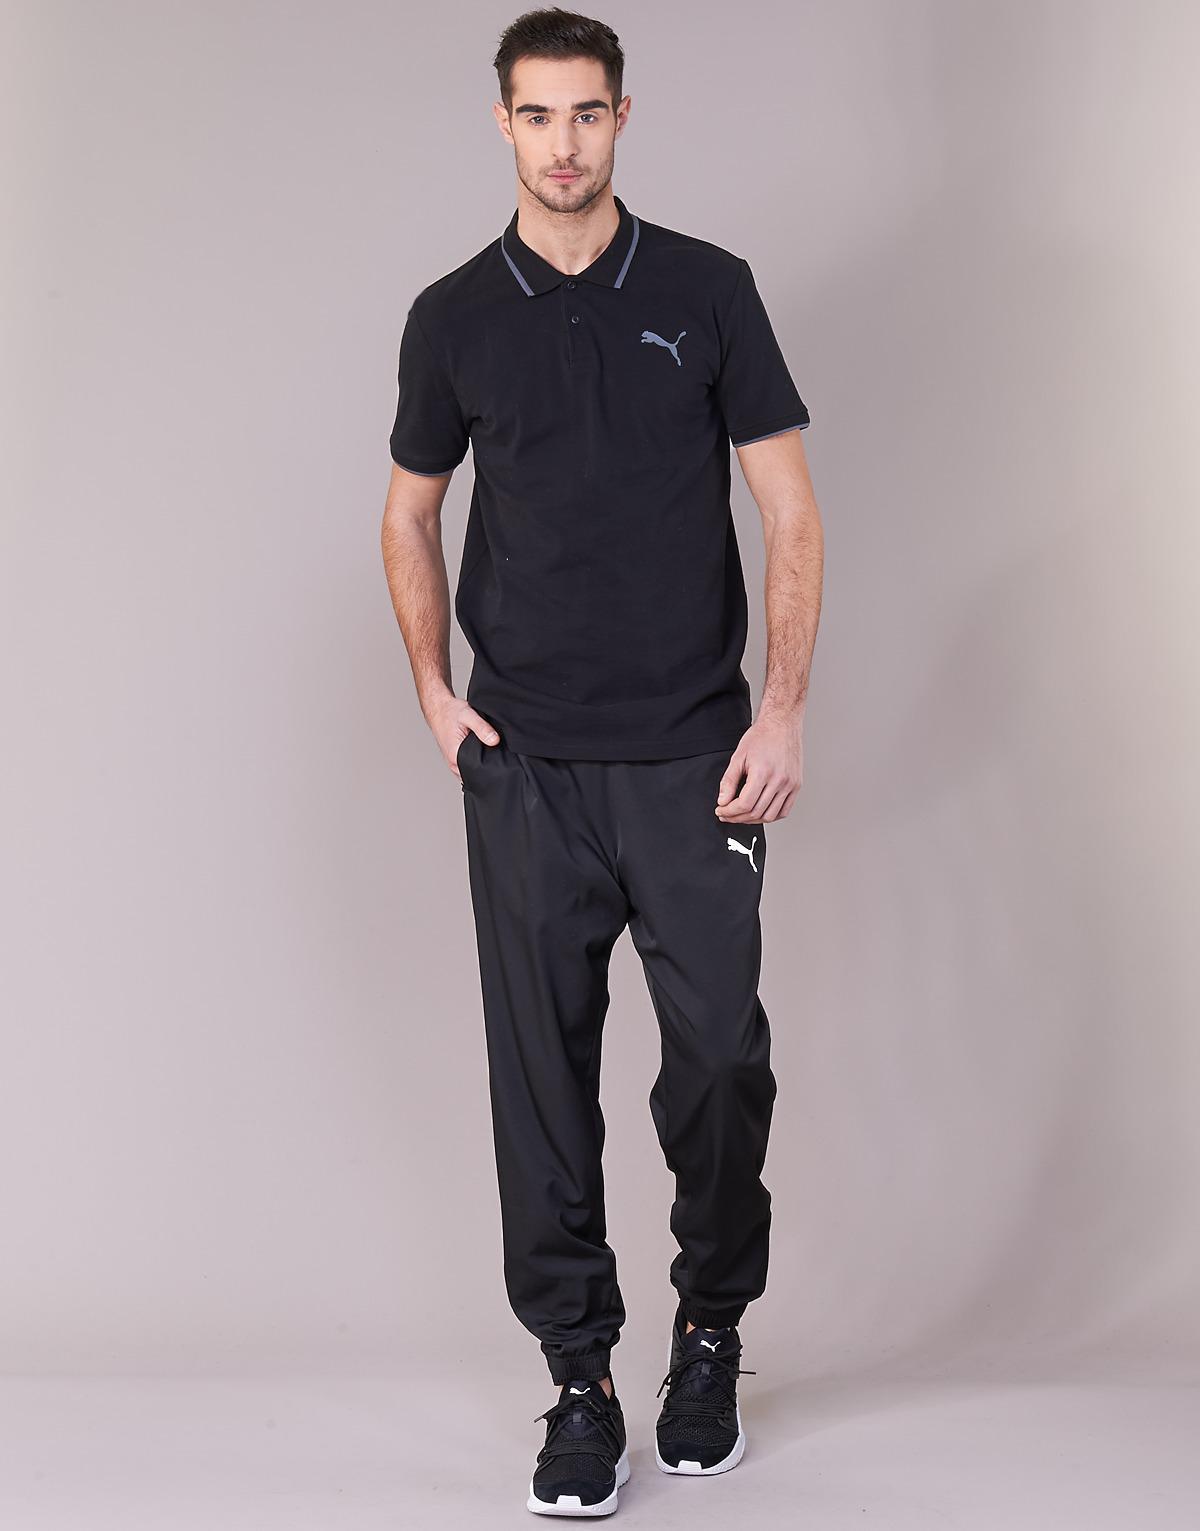 445f7112bc9b7 Lyst - ACTIVE WOVEN PANT hommes Jogging en Noir PUMA pour homme en coloris  Noir - 41.1764705882353 % de réduction